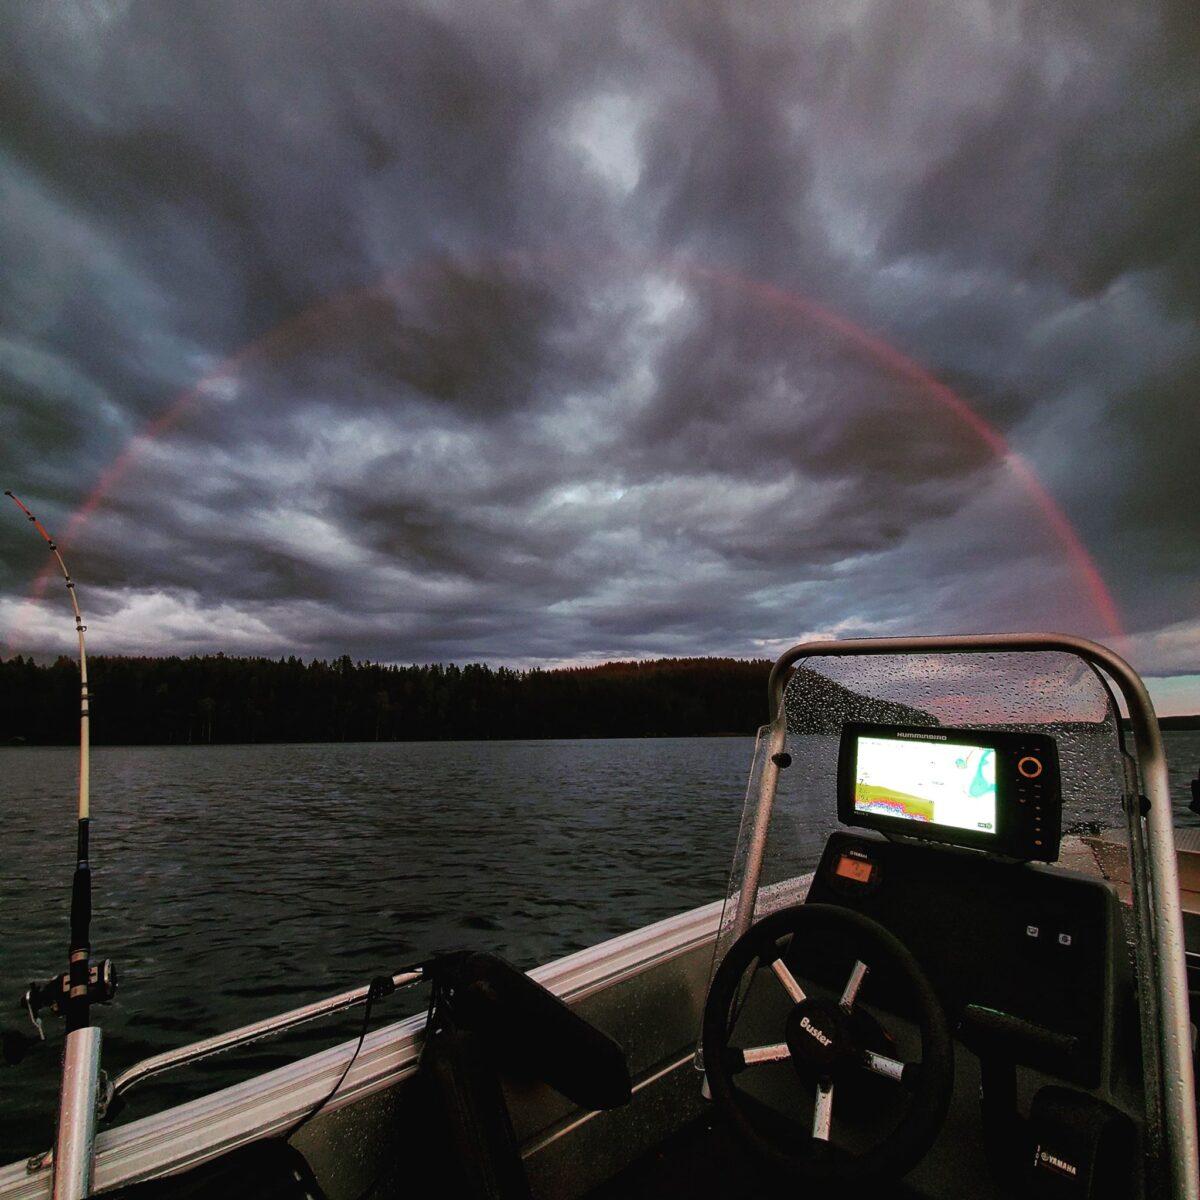 7月11日,歐洲漁夫Aviv Junno目睹了一種不可思議的現象,十分罕見的紅色彩虹。(Aviv Junno提供)